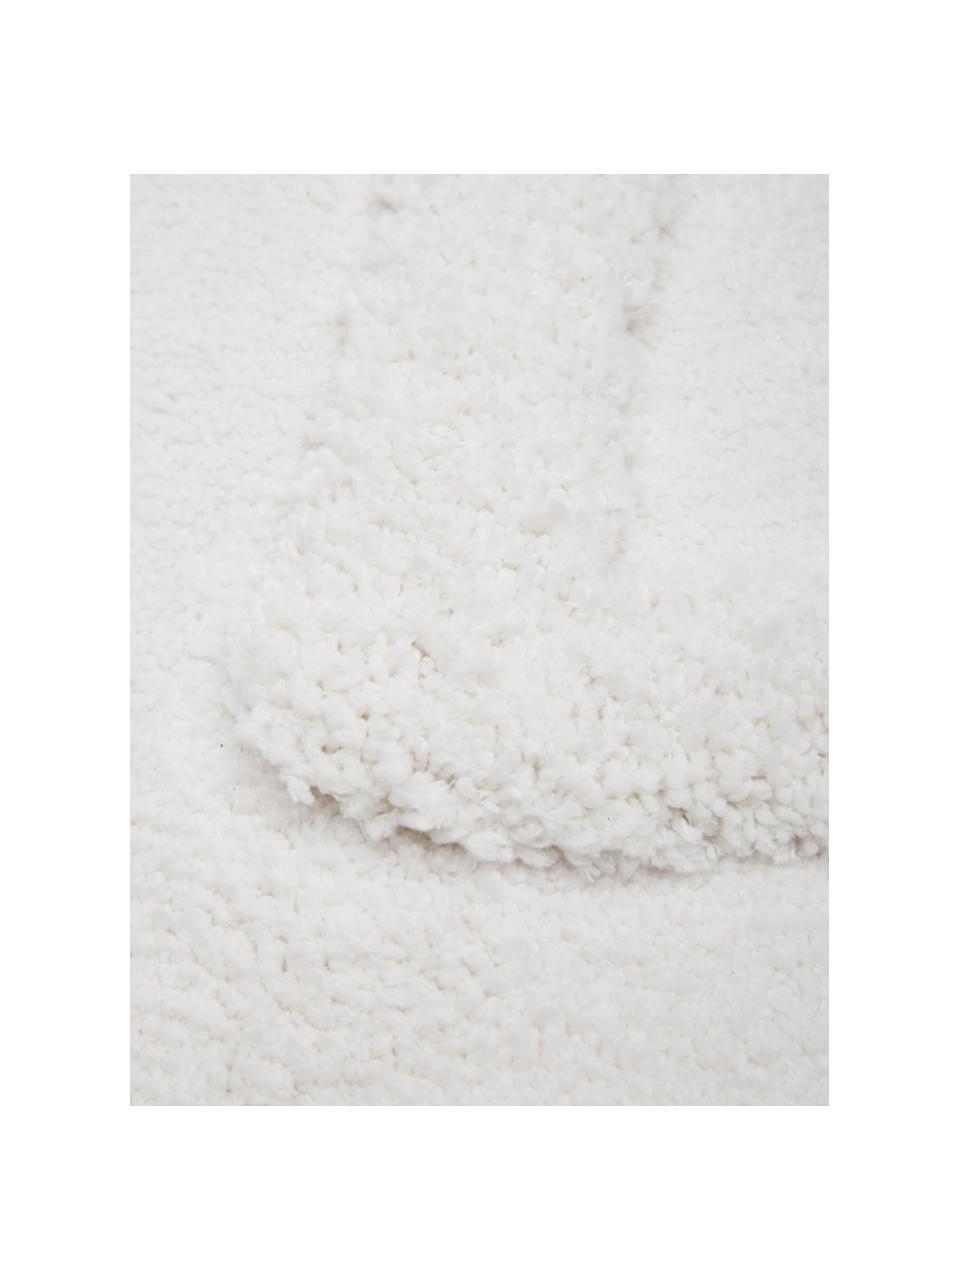 Flauschiger Boho Hochflorteppich Magda mit erhabener Hoch-Tief-Struktur, Flor: Mikrofaser (100% Polyeste, Beige, B 120 x L 180 cm (Größe S)